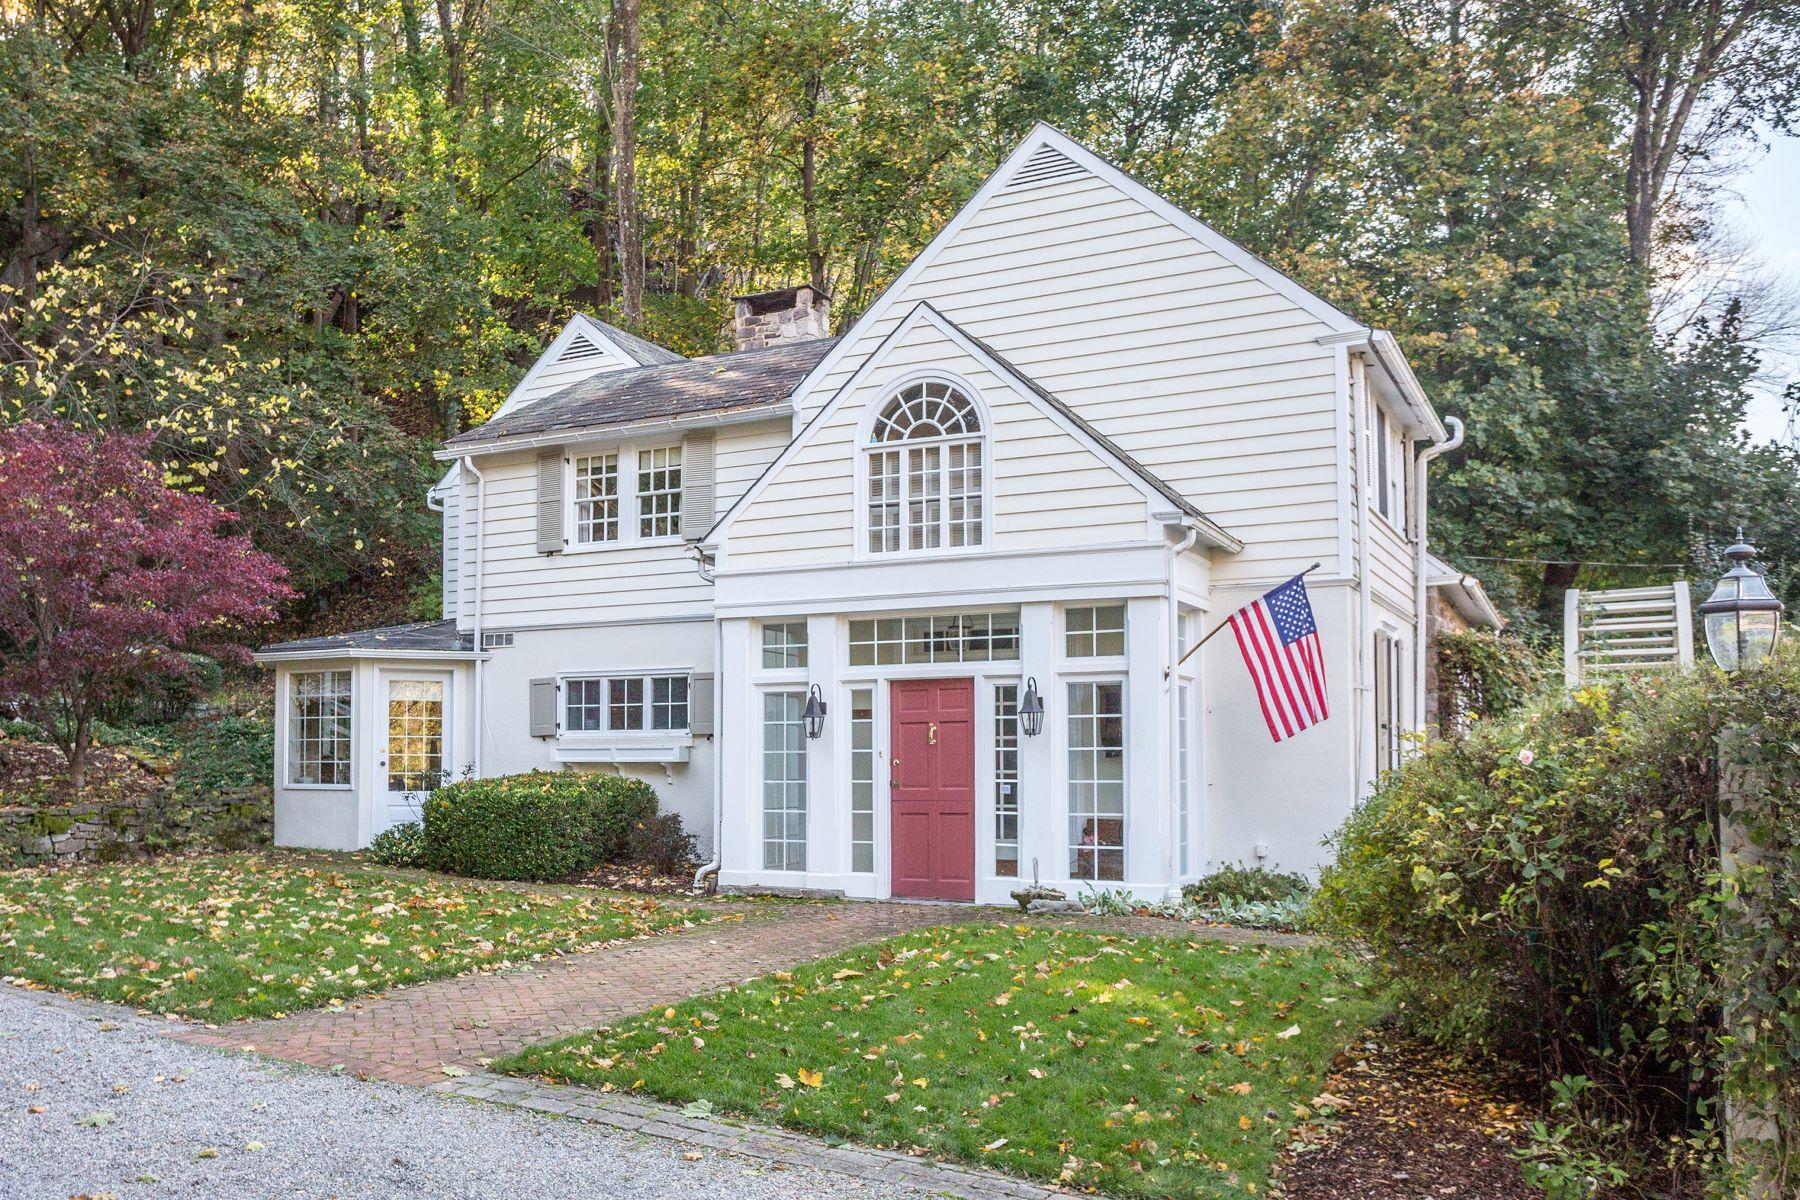 Частный односемейный дом для того Продажа на 3523 River Rd New Hope, Пенсильвания, 18938 Соединенные Штаты